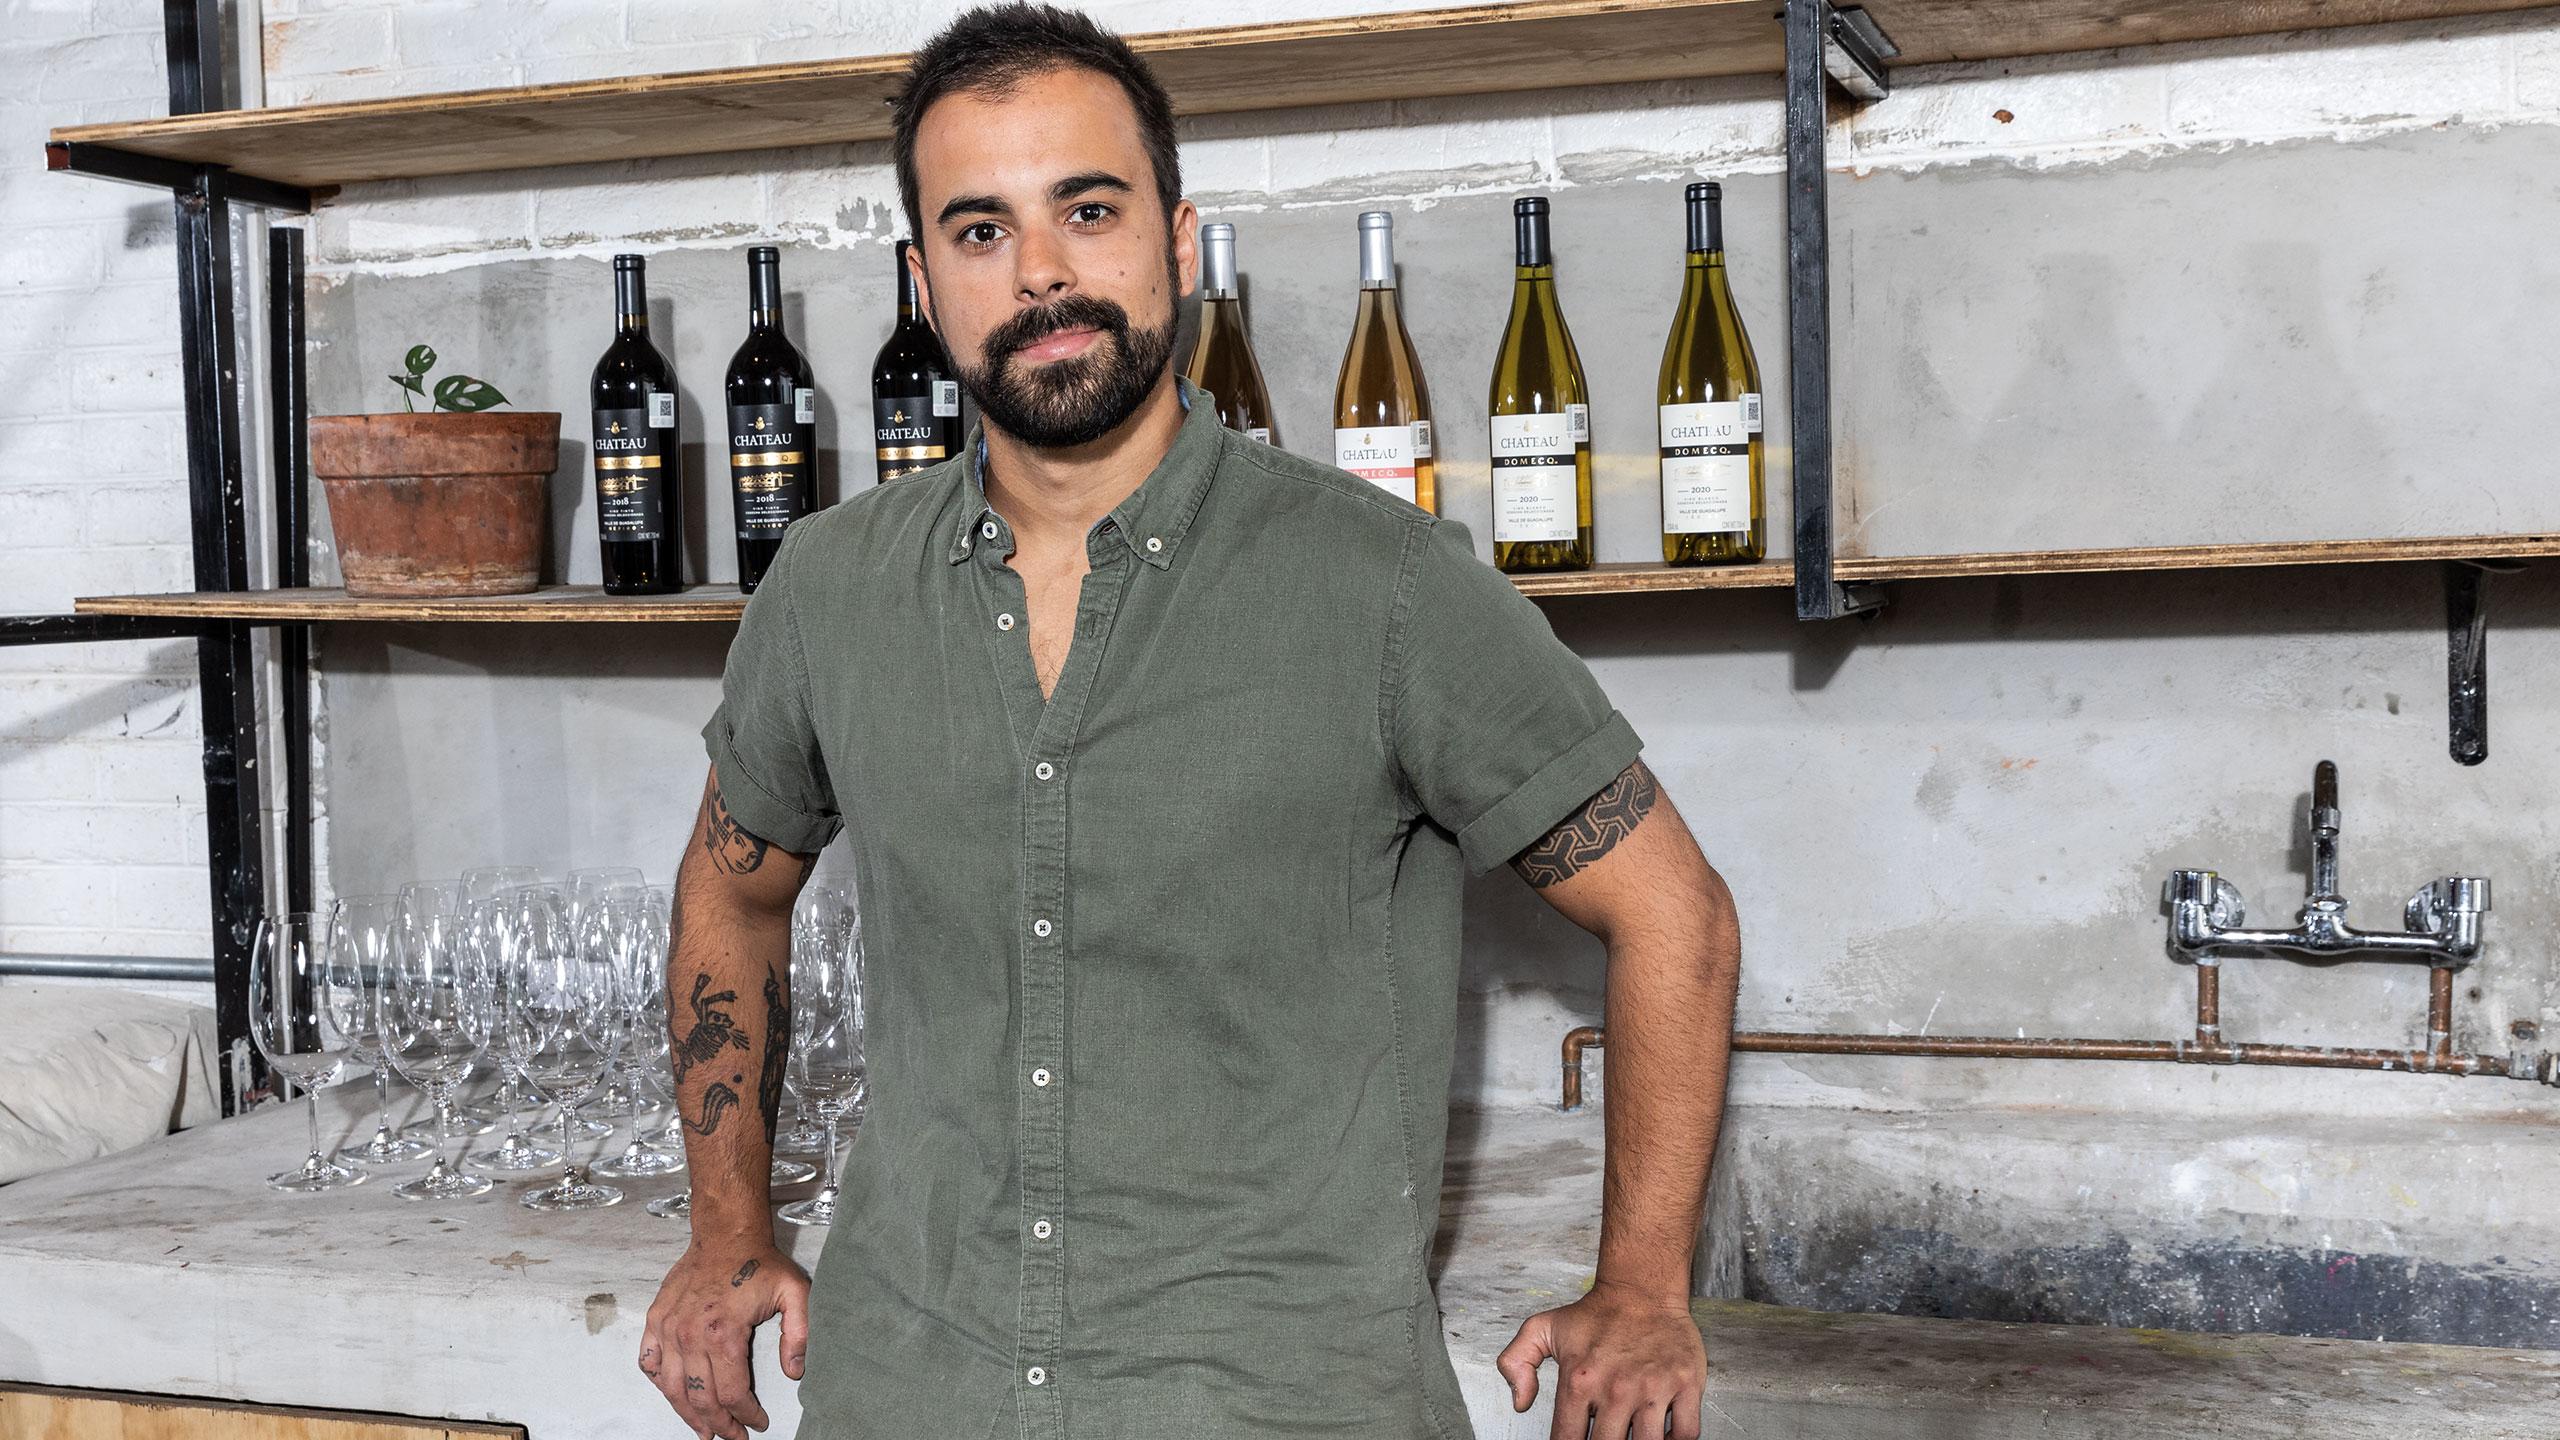 Filipe-Neves-Best-New-Chefs-2021